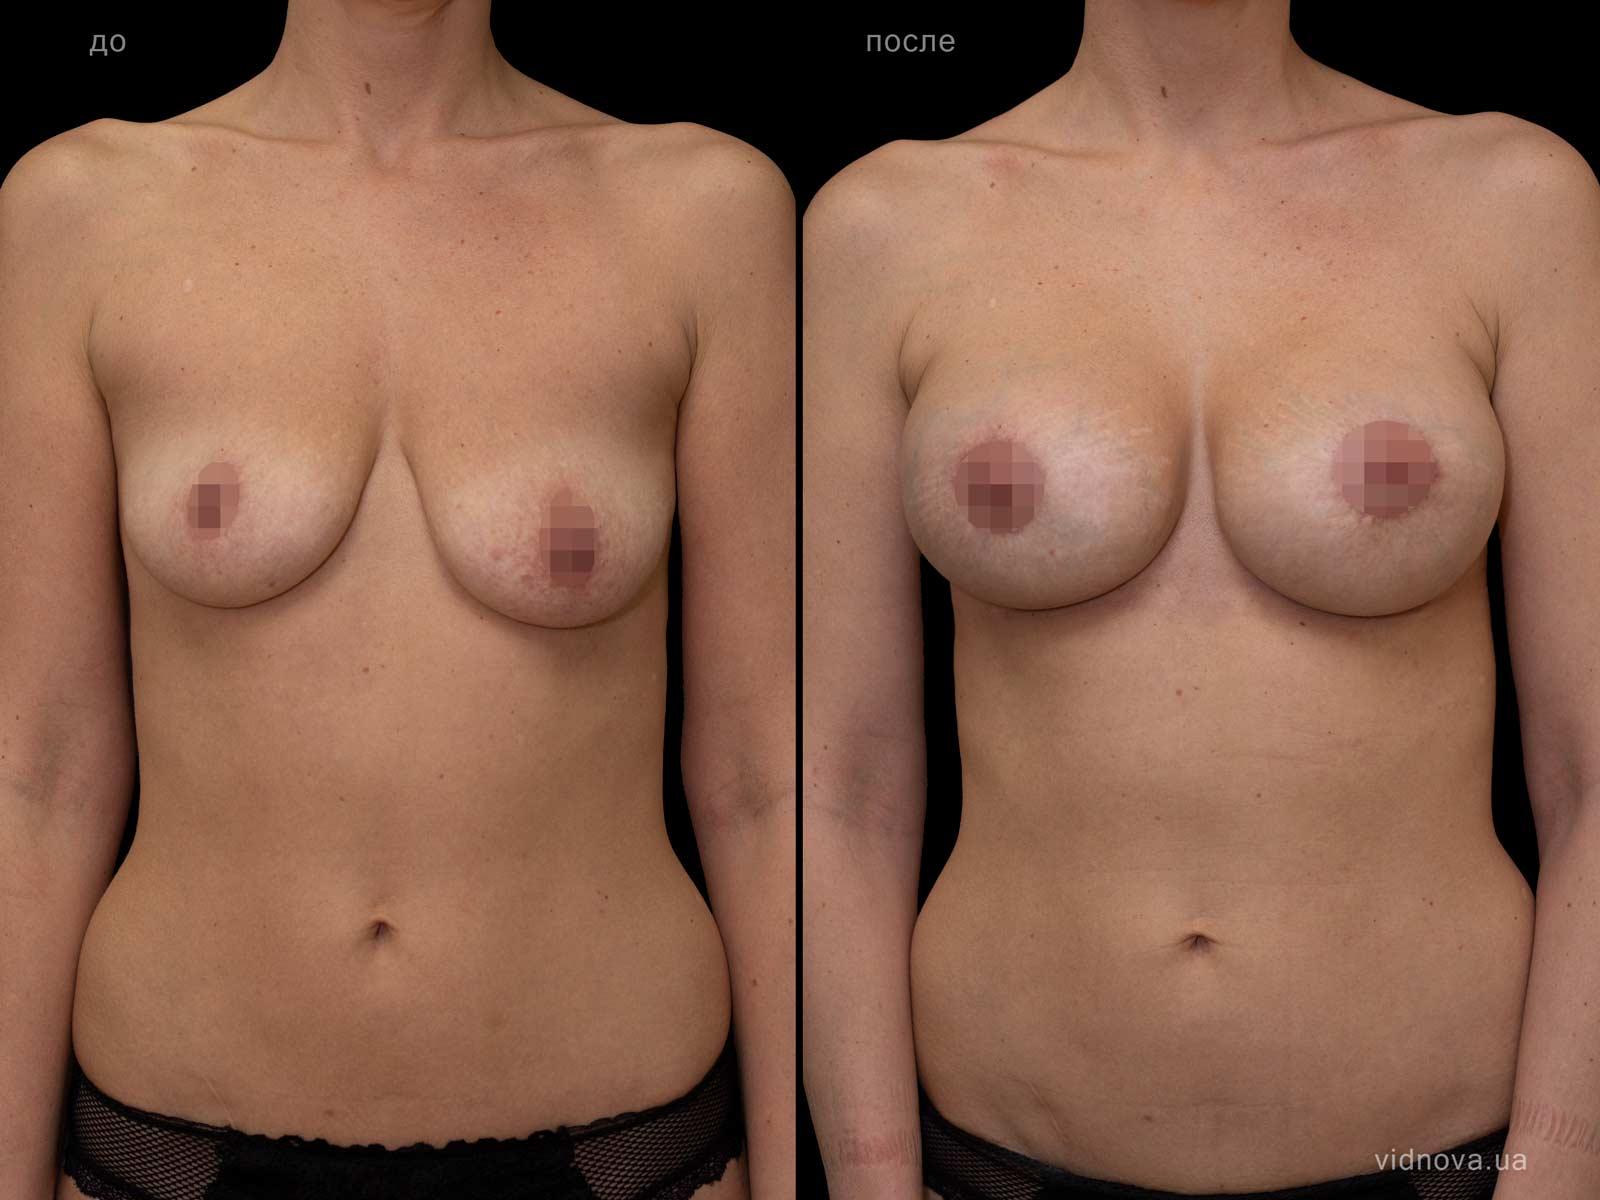 Пластика груди: результаты до и после - Пример №86-0 - Светлана Работенко